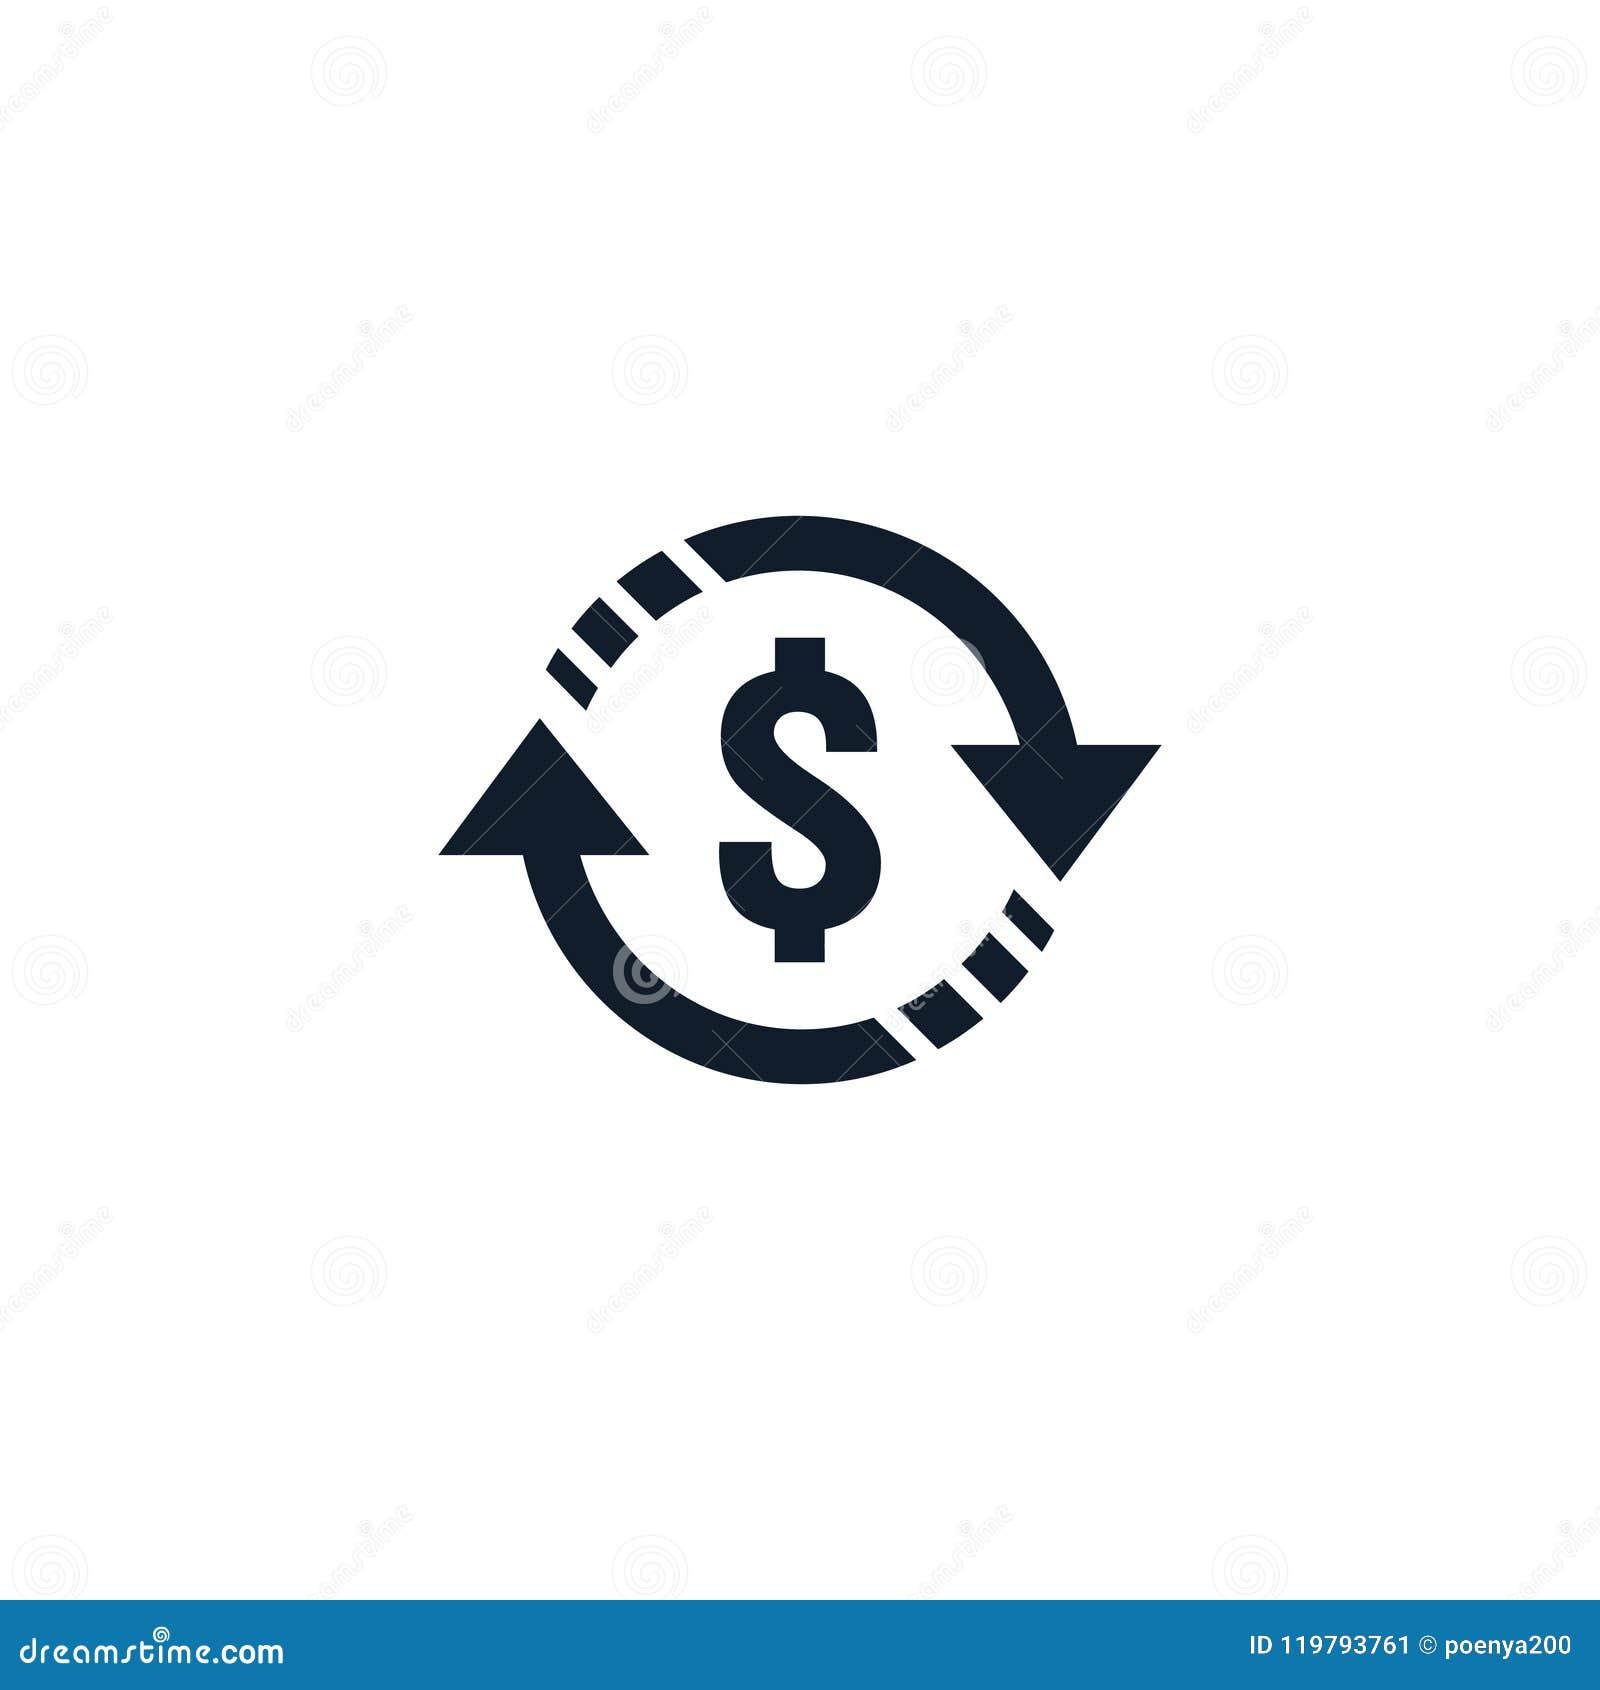 σύμβολο εικονιδίων μεταφοράς χρημάτων η ανταλλαγή νομίσματος, οικονομική υπηρεσία επένδυσης, πίσω επιστροφή μετρητών, στέλνει και